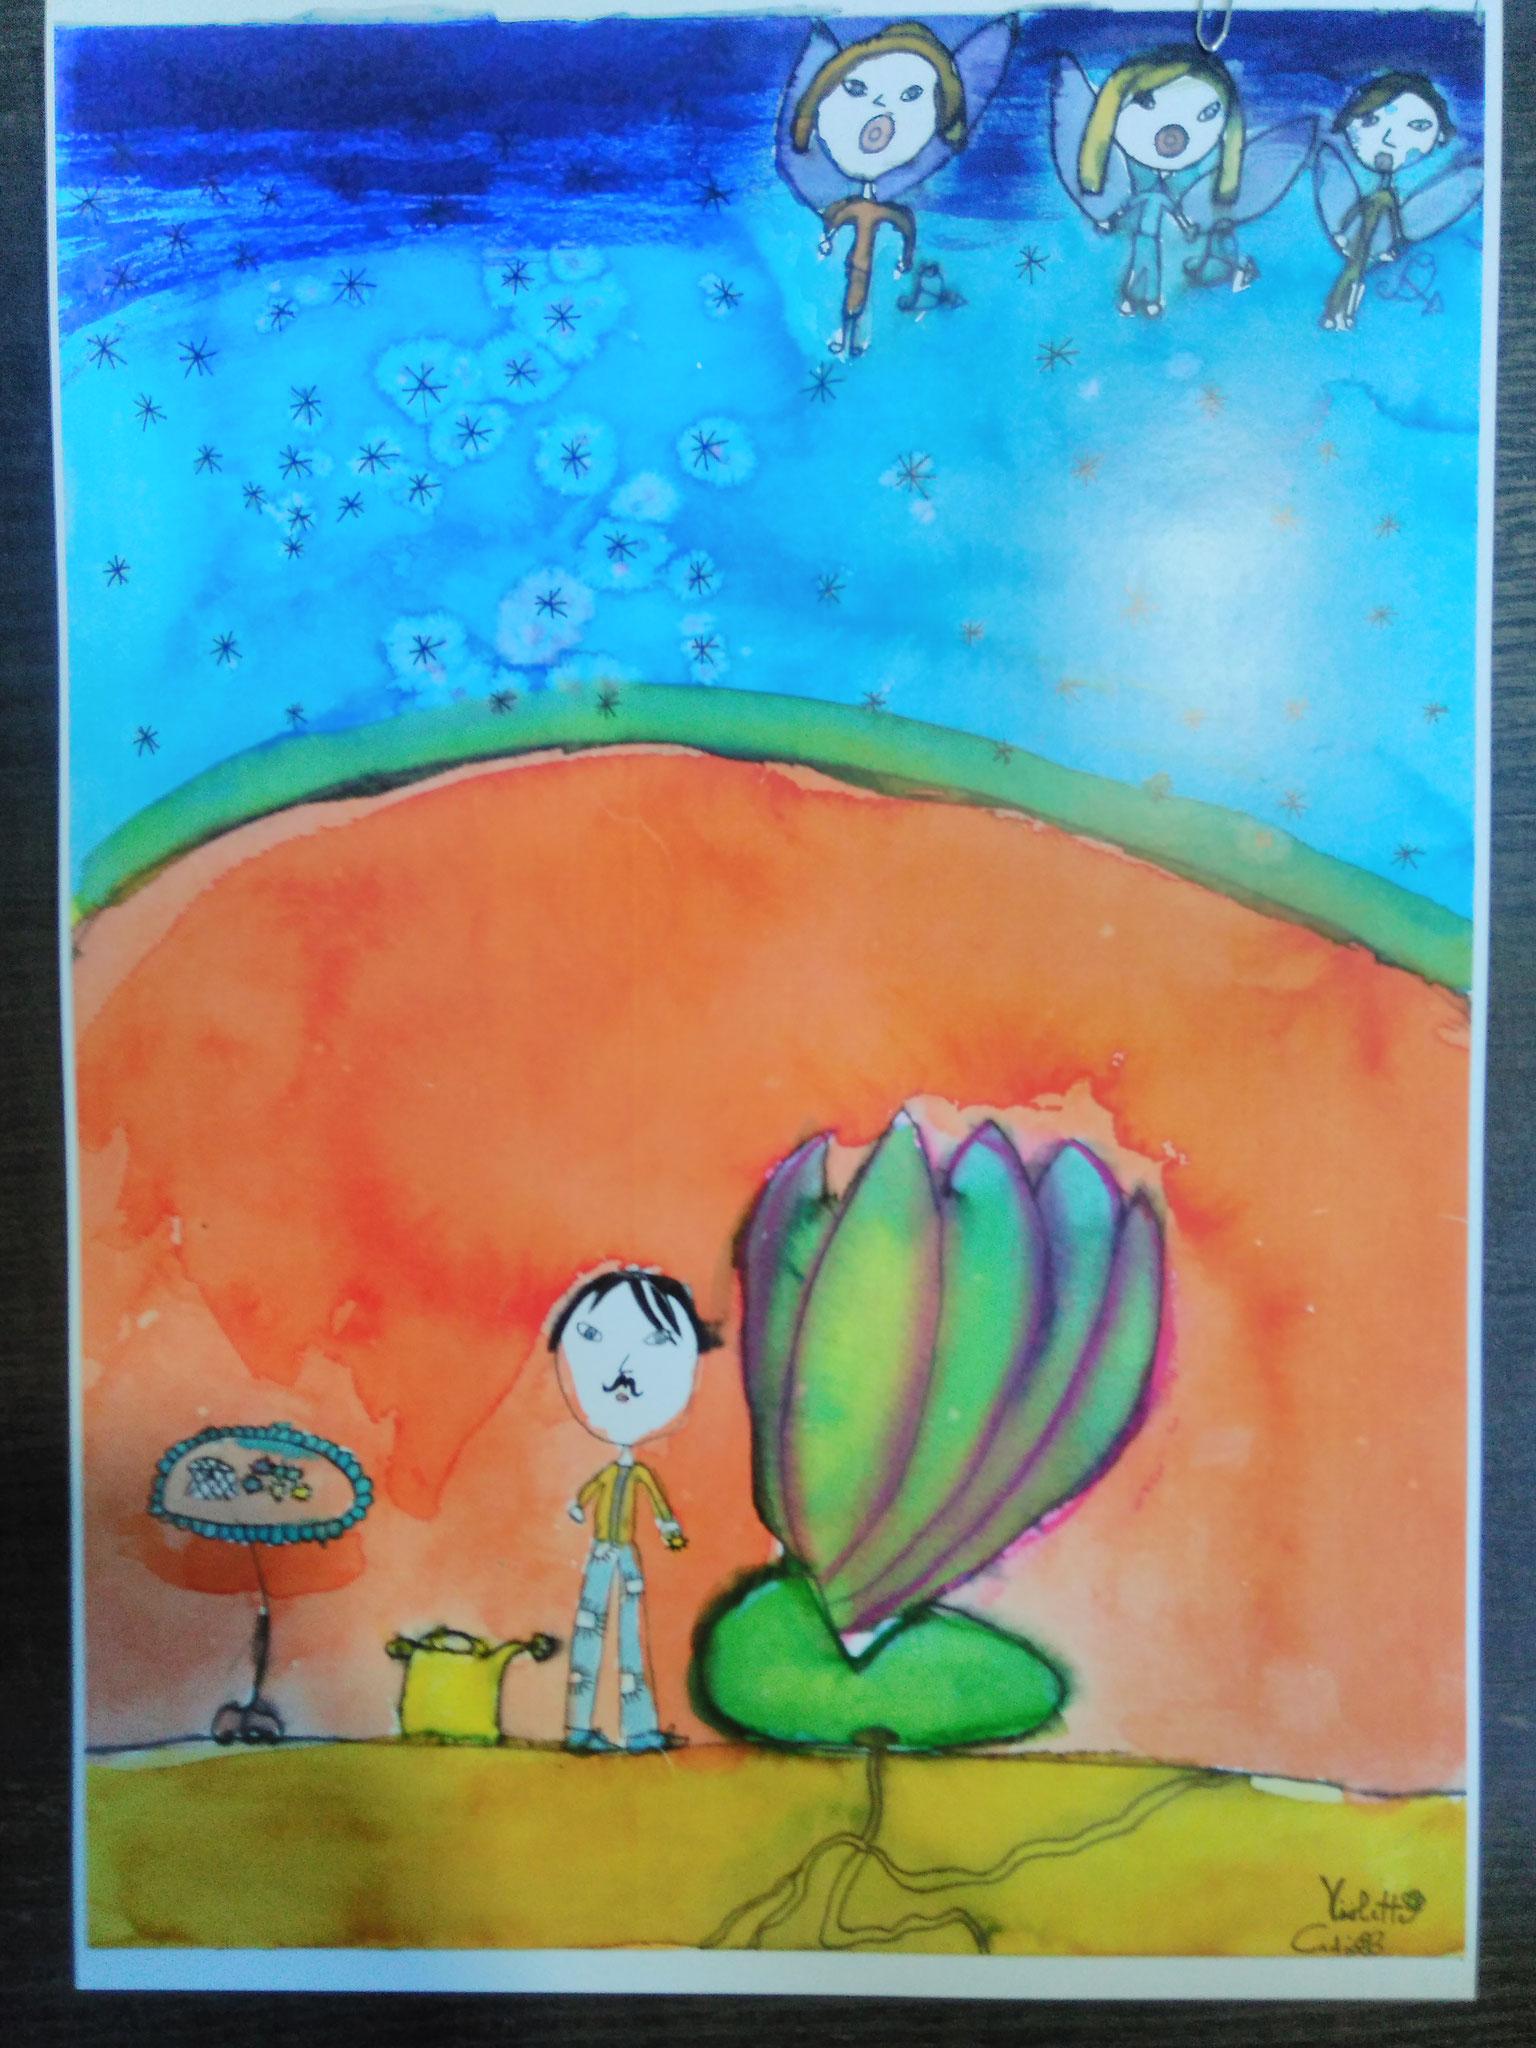 """5e Prix : Violette CADIC (7 ans et demi) - Illustration du poème """"L'école des beaux-arts"""" de Jacques Prévert"""